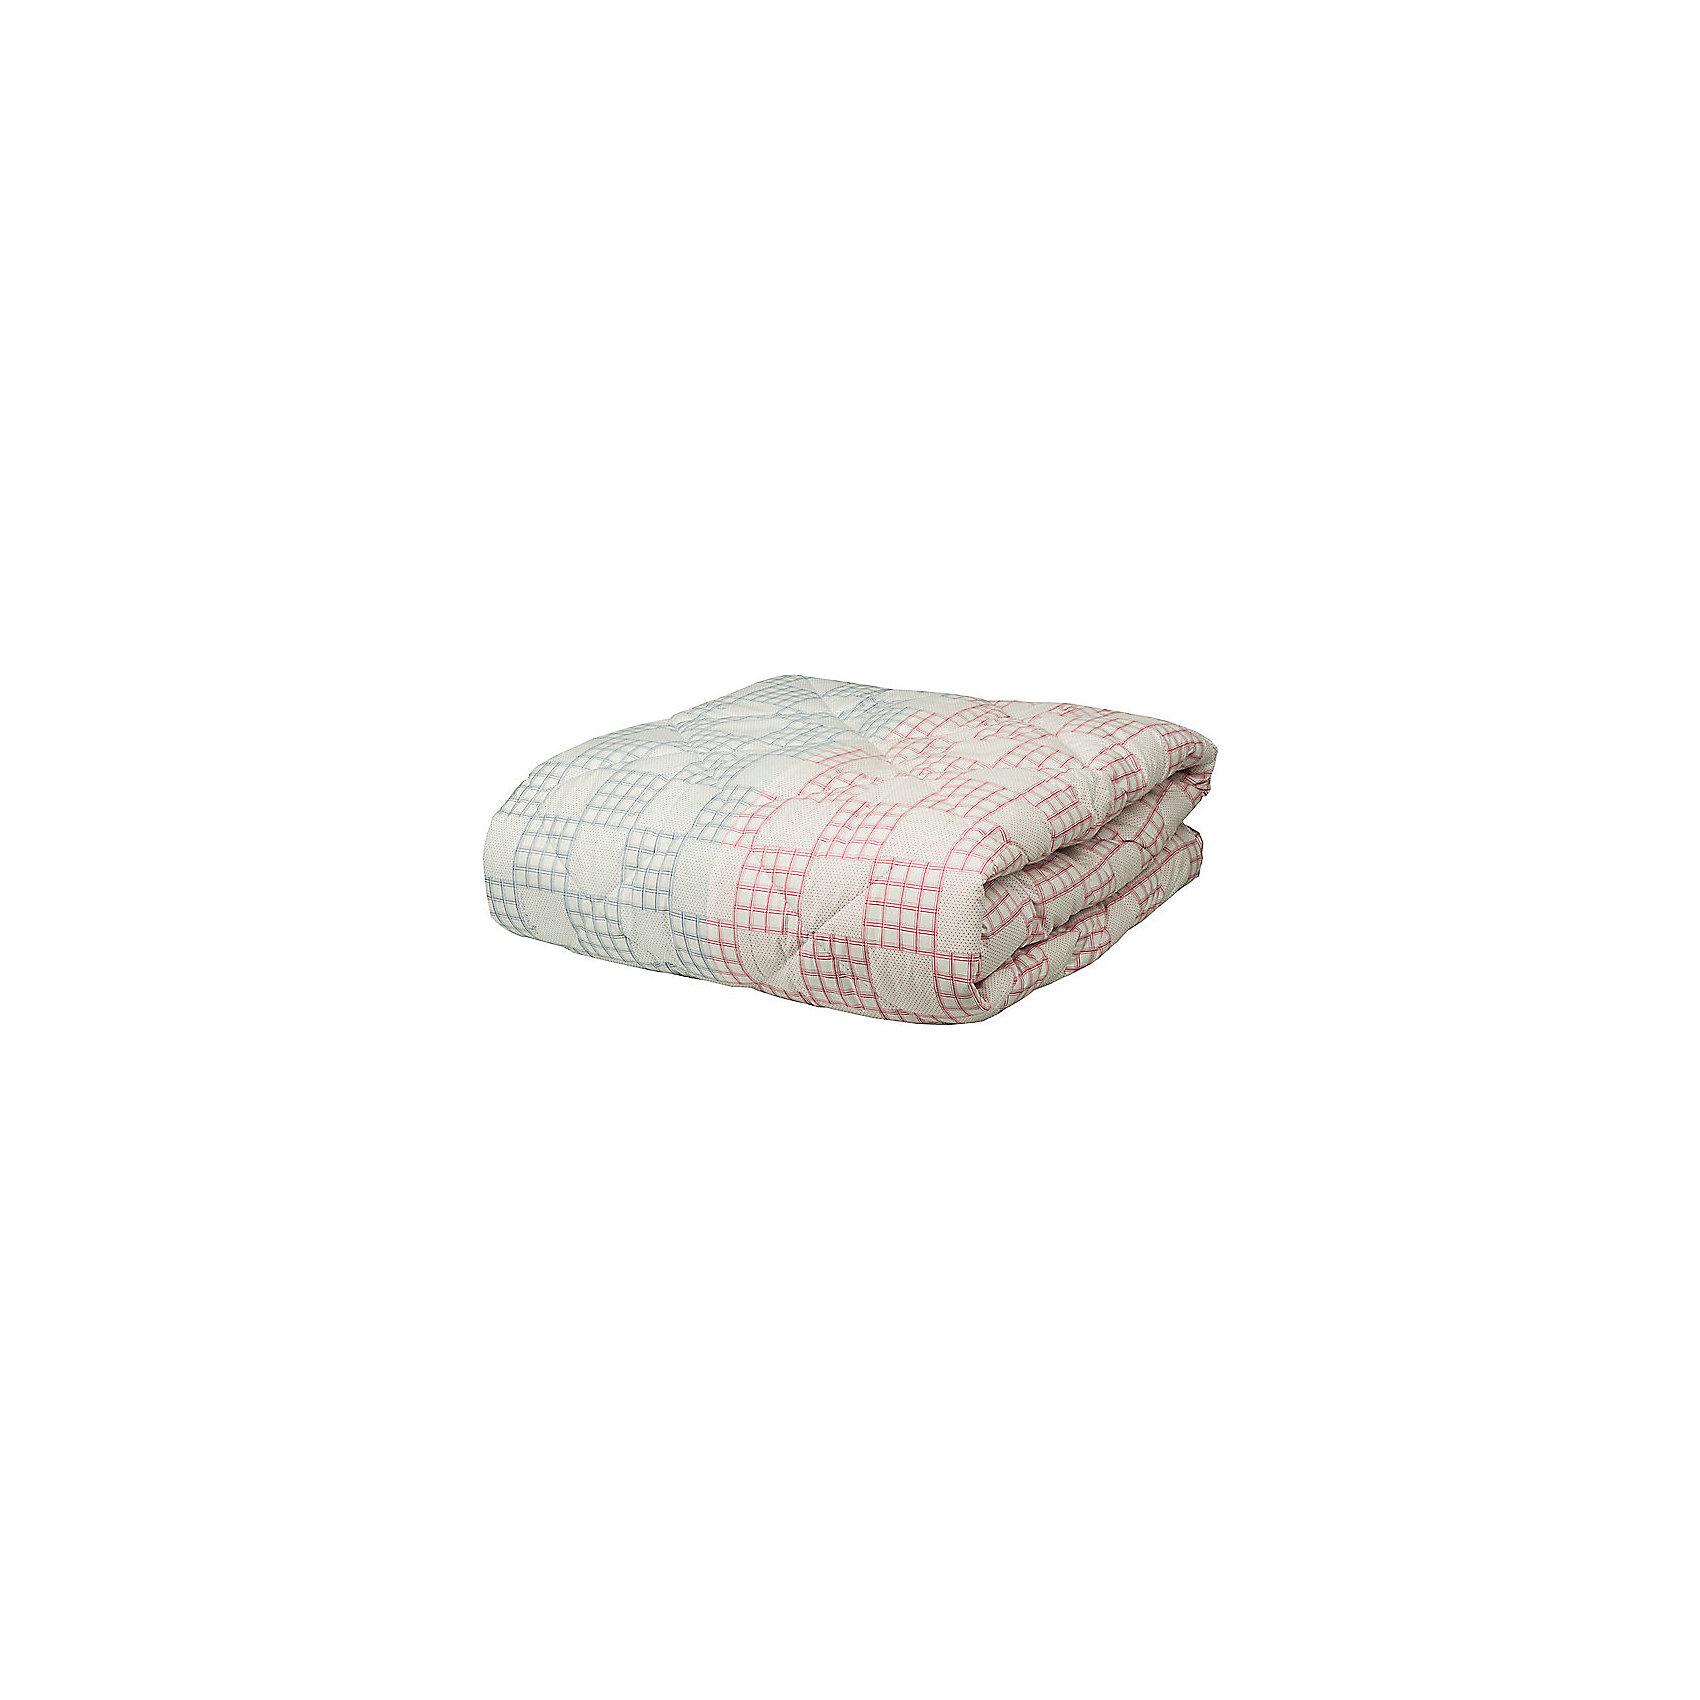 Одеяло 1,5сп SL Chalet Climat Control тик, Mona Liza, роза/грозовойДомашний текстиль<br>Характеристики:<br><br>• тёплая и прохладная стороны<br>• тёплая сторона из шерсти<br>• прохладная сторона из растительных волокон<br>• размер одеяла: 140х205 см<br>• размер упаковки: 46х16х54 см<br>• вес: 1450 грамм<br><br>Одеяло Chalet Climat Control согреет в холодную зиму и защитит от перегрева в жаркий летний день. Одна сторона, из шерстяных волокон, является более теплой. А другая, из натуральных растительных волокон, - более прохладной. Таким образом, вы всегда сможете выбрать сторону, которая больше подходит вам для максимального комфорта. <br><br>Чтобы вы не ошиблись при выборе, теплая сторона выполнена в розовом цвете, а прохладная - в синем цвете. Одеяло не сбивается в комки и хорошо сохраняет свою форму в течение всего времени использования. Высококачественные материалы обеспечивают изделию высокую прочность и износостойкость.<br><br>Одеяло 140*205 Chalet Climat Control тик, Mona Liza (Мона Лиза), роза/грозовой вы можете купить в нашем интернет-магазине.<br><br>Ширина мм: 540<br>Глубина мм: 160<br>Высота мм: 460<br>Вес г: 1450<br>Возраст от месяцев: 84<br>Возраст до месяцев: 216<br>Пол: Унисекс<br>Возраст: Детский<br>SKU: 5165701